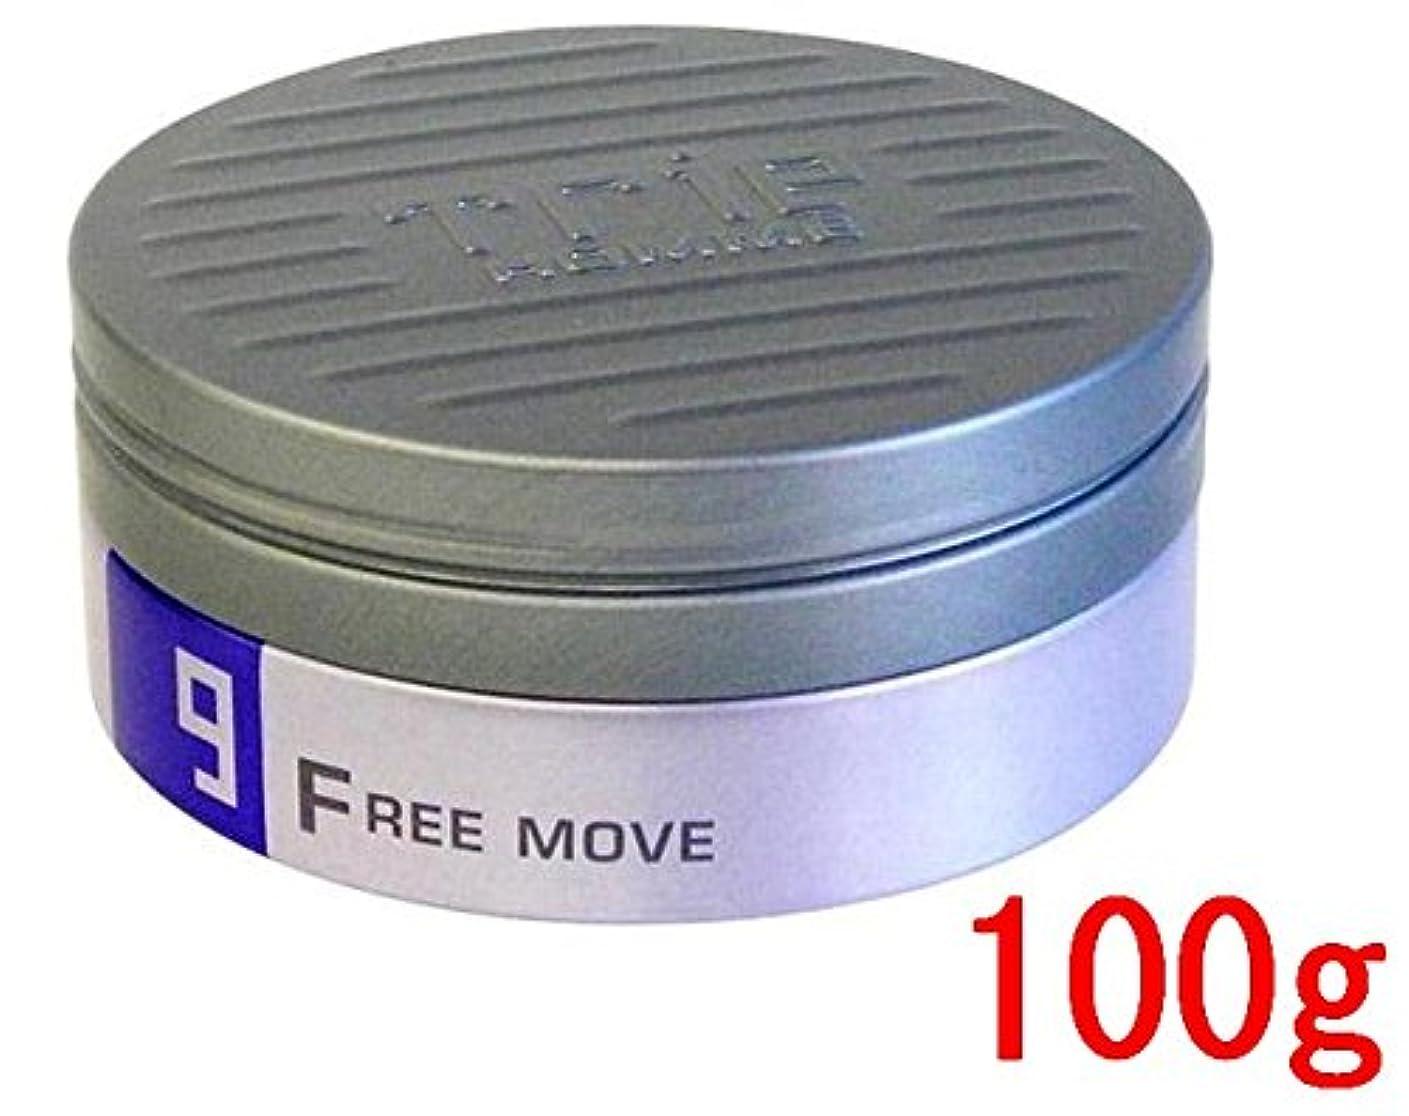 超音速金曜日十分なルベル トリエオム フリームーブ9 100g